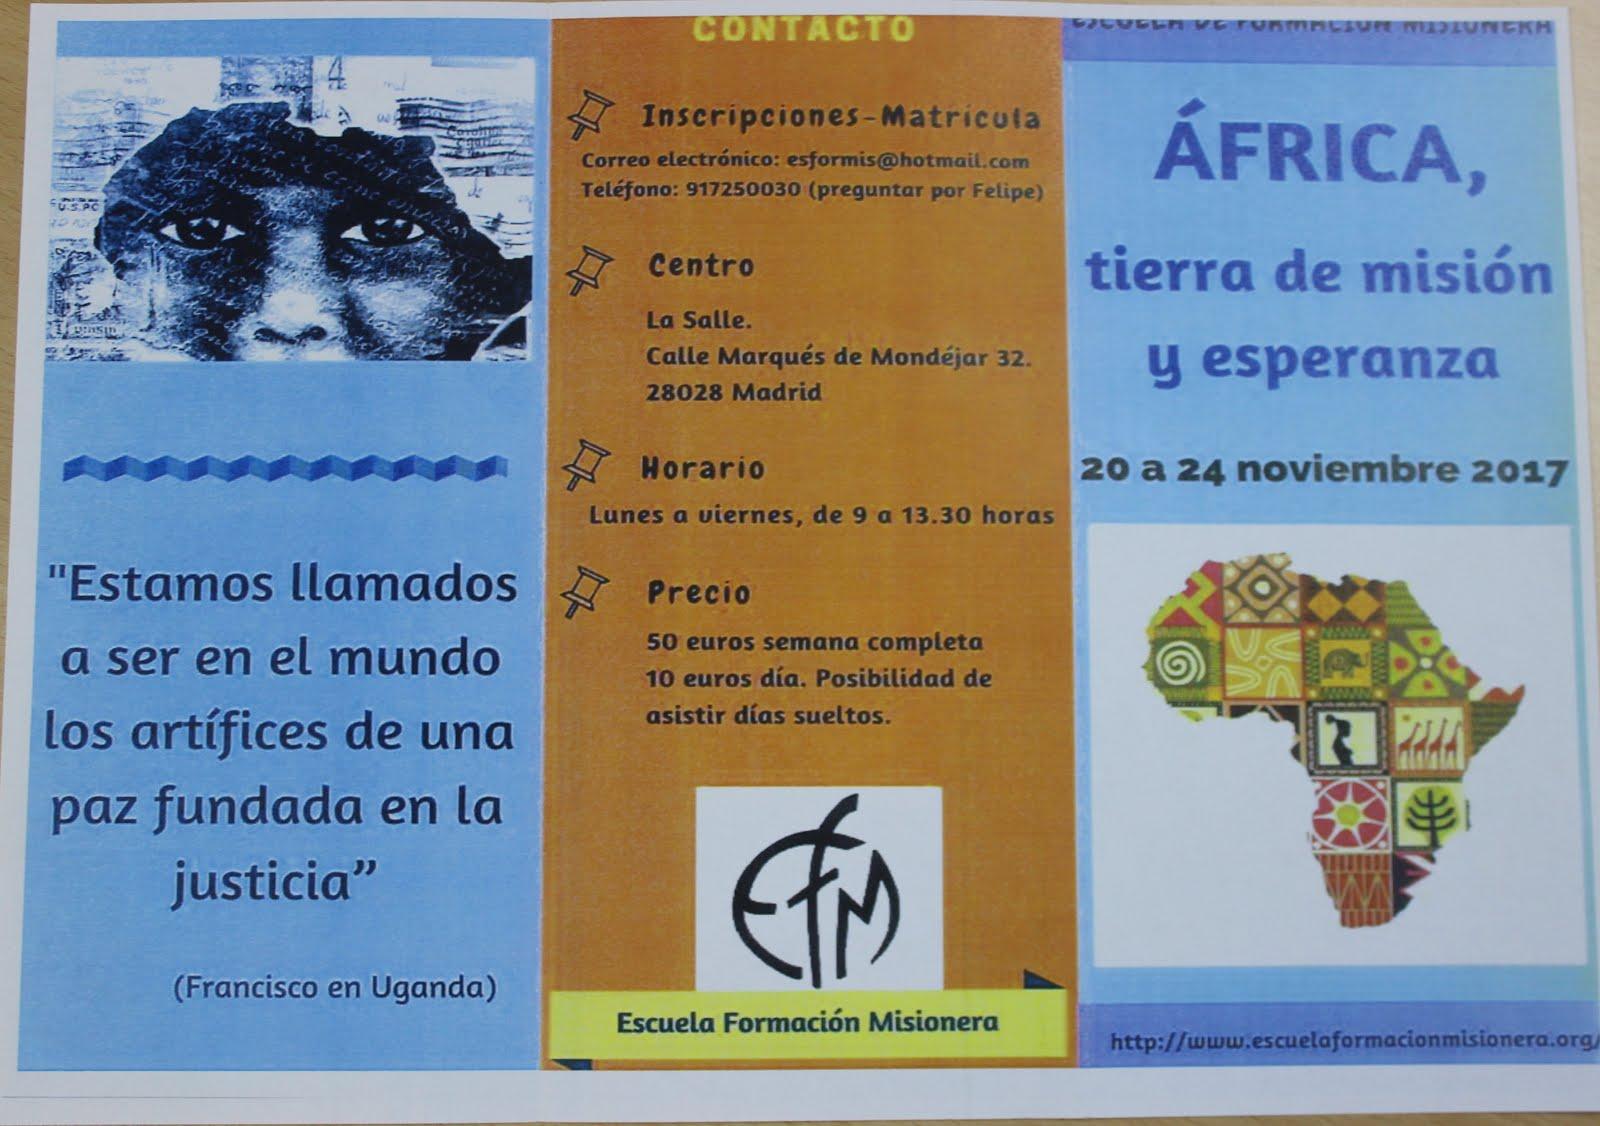 SEMANA DE MISIÓN ÁFRICA